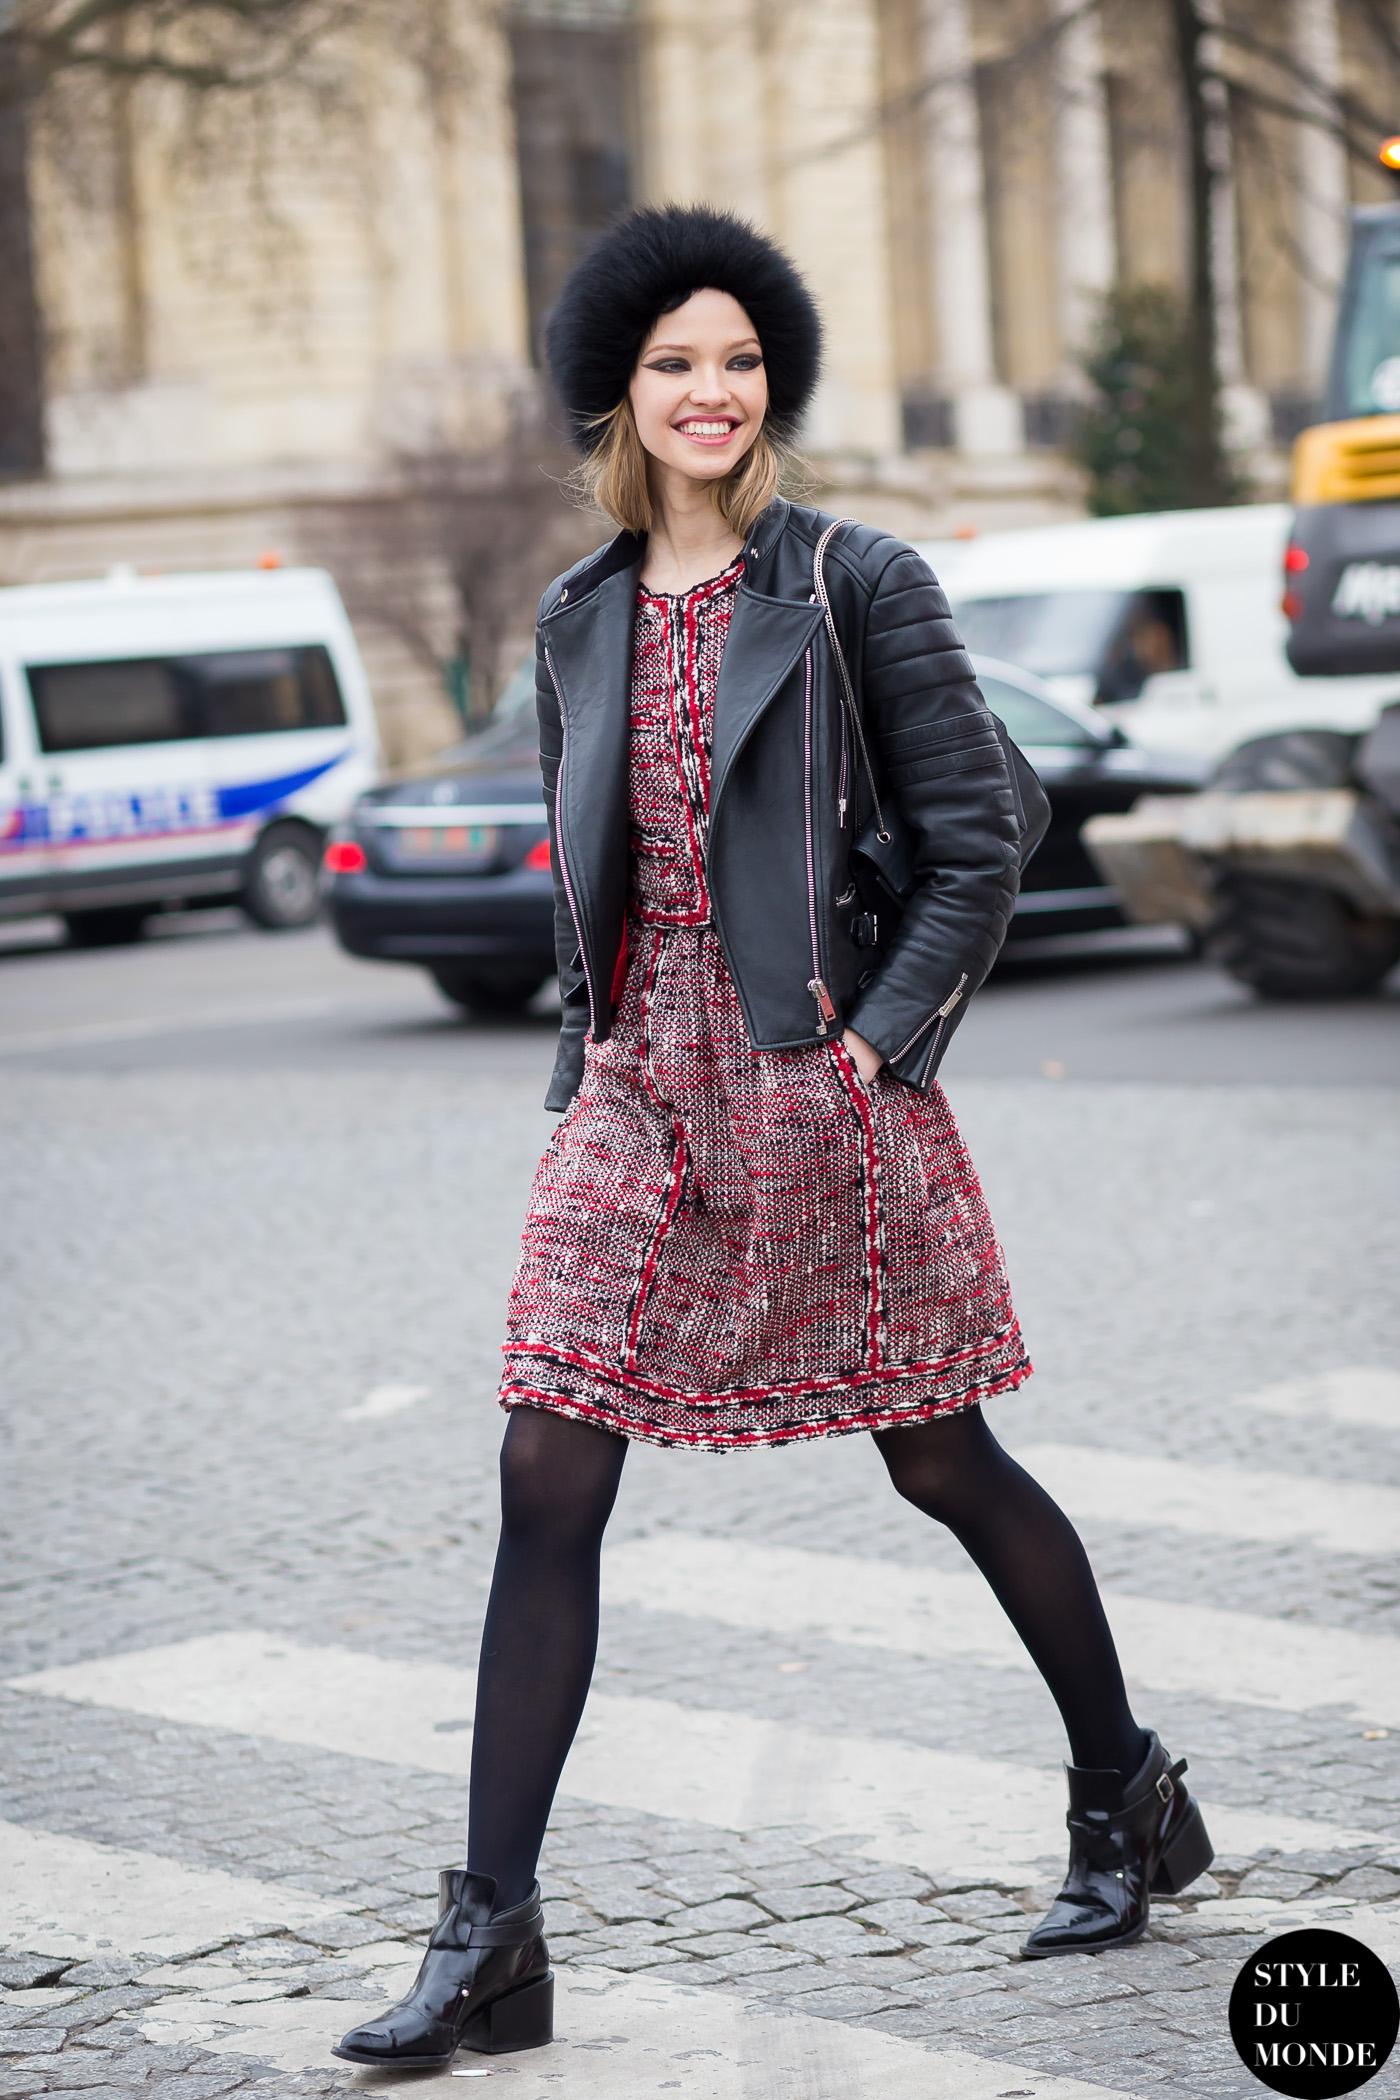 Paris Fashion Week Fw 2015 Street Style Sasha Luss